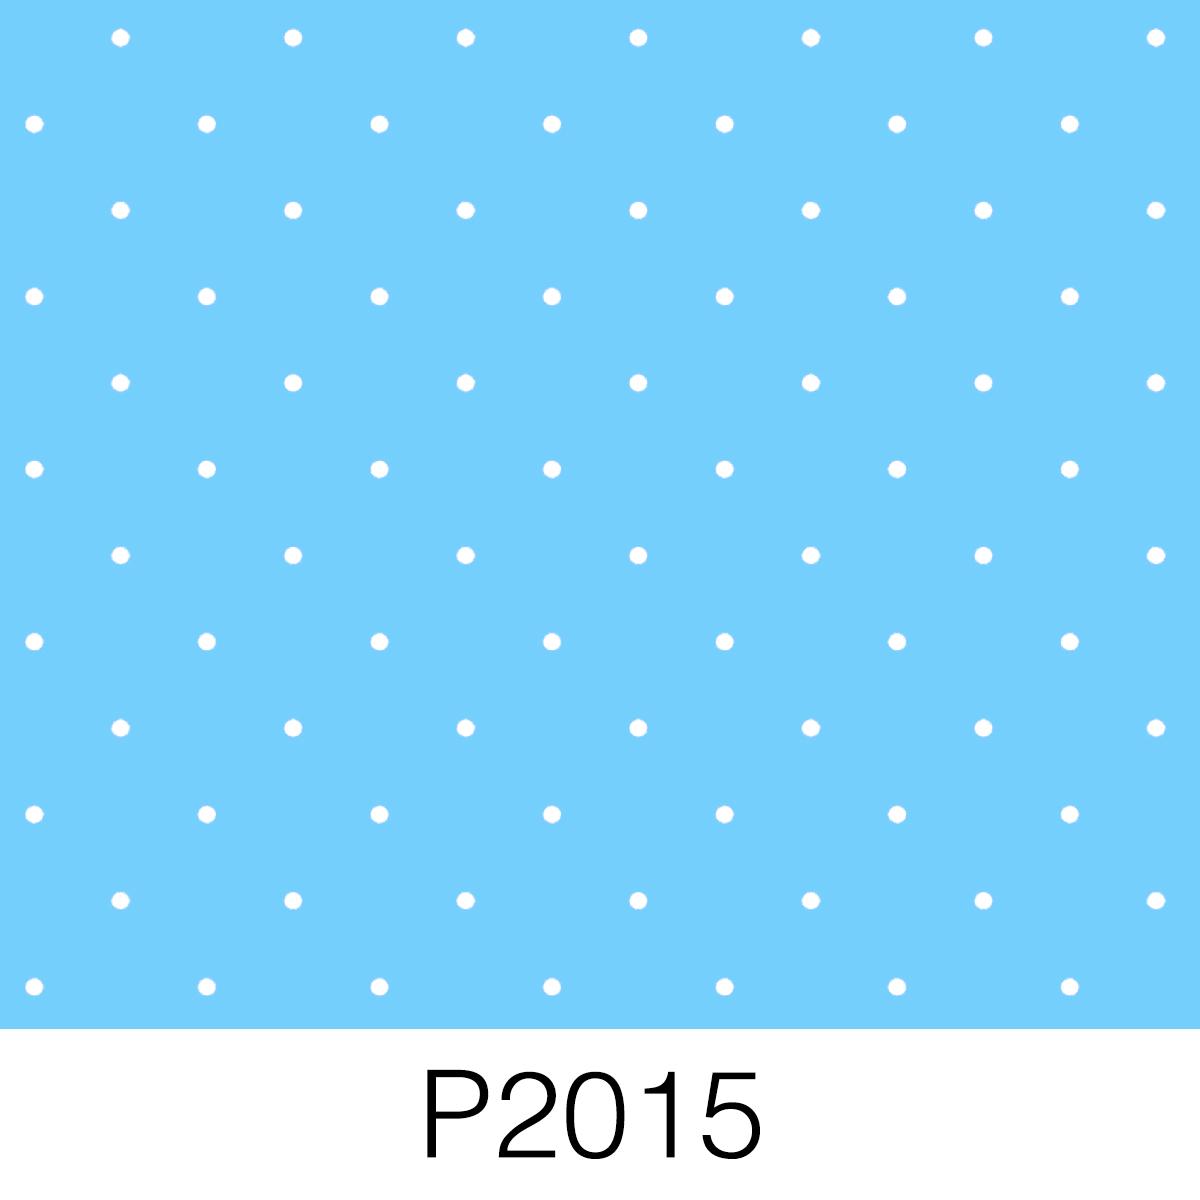 tiny_dots.jpg